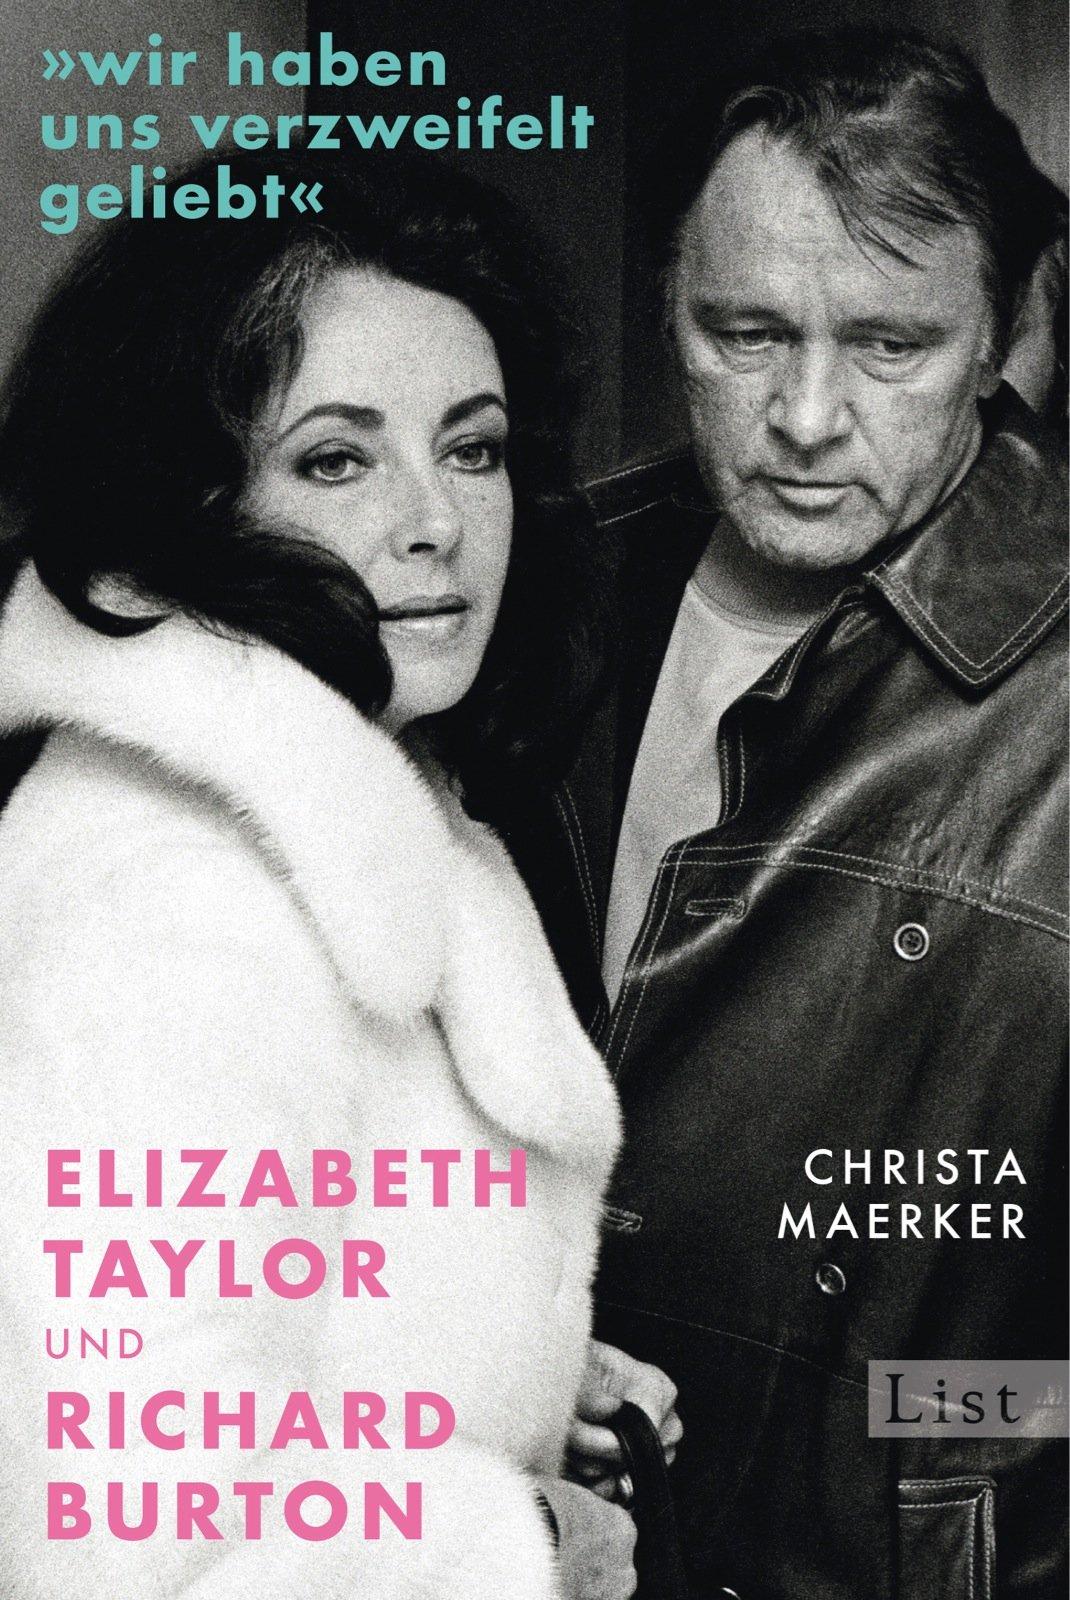 »Wir haben uns verzweifelt geliebt«: Elizabeth Taylor und Richard Burton